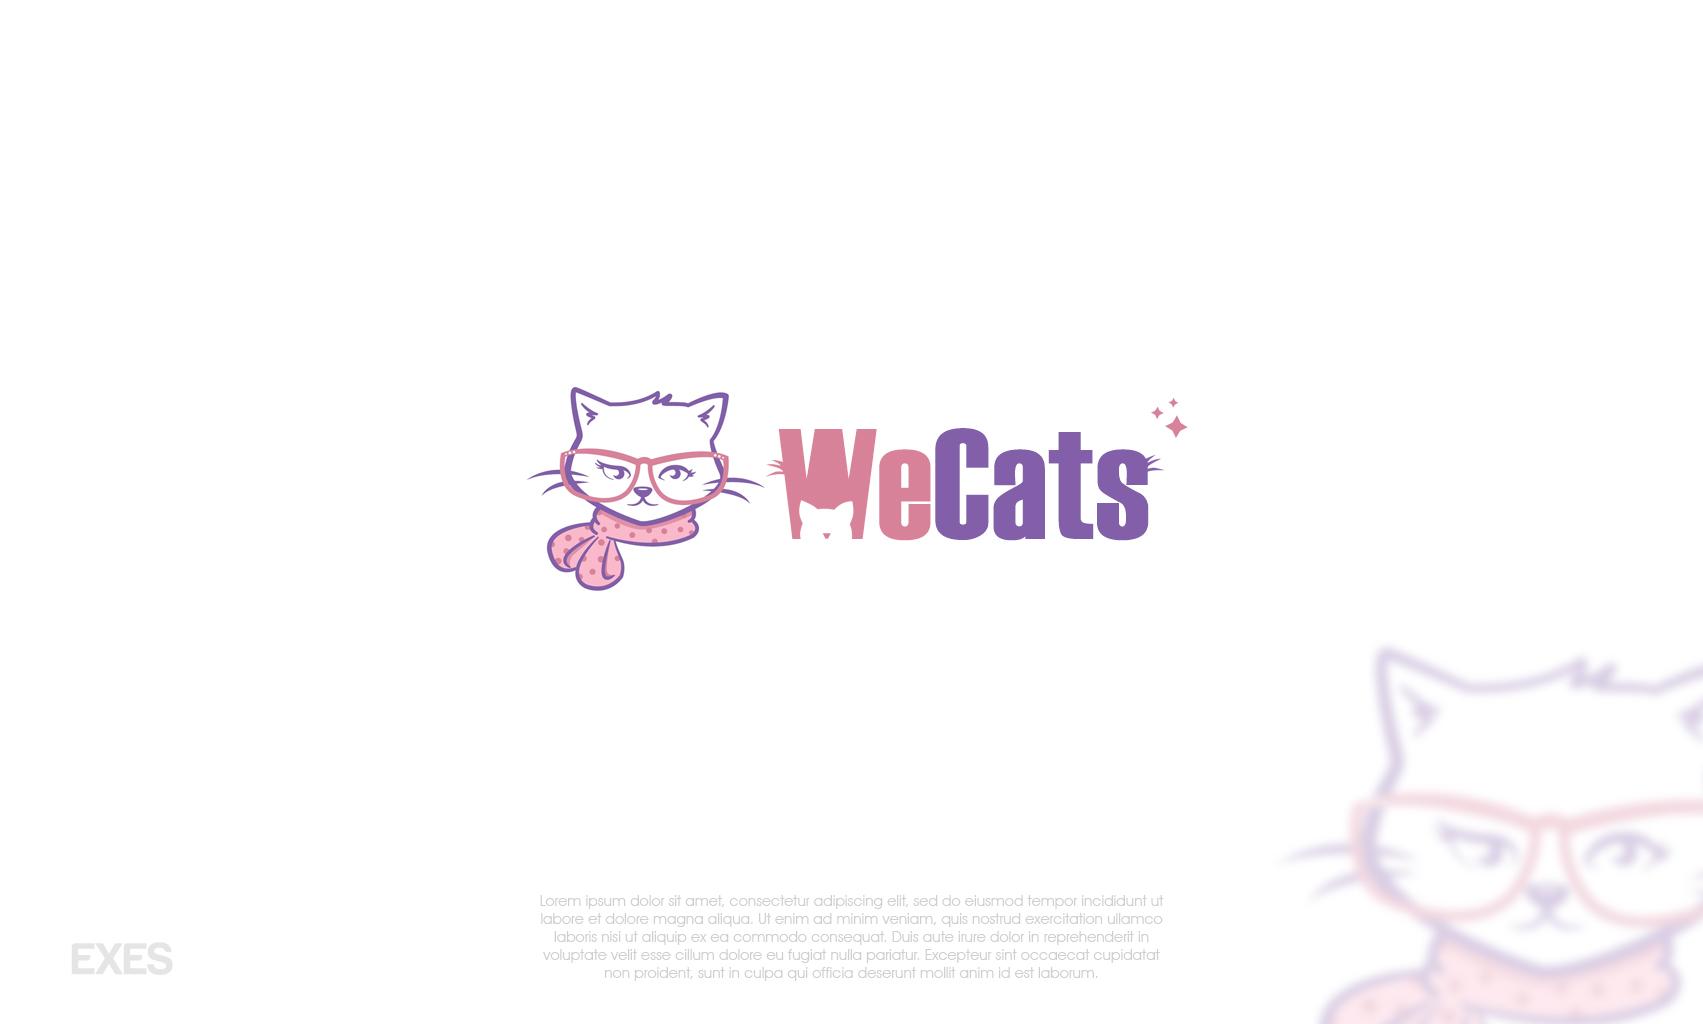 Создание логотипа WeCats фото f_3175f1af89d3c9cb.jpg